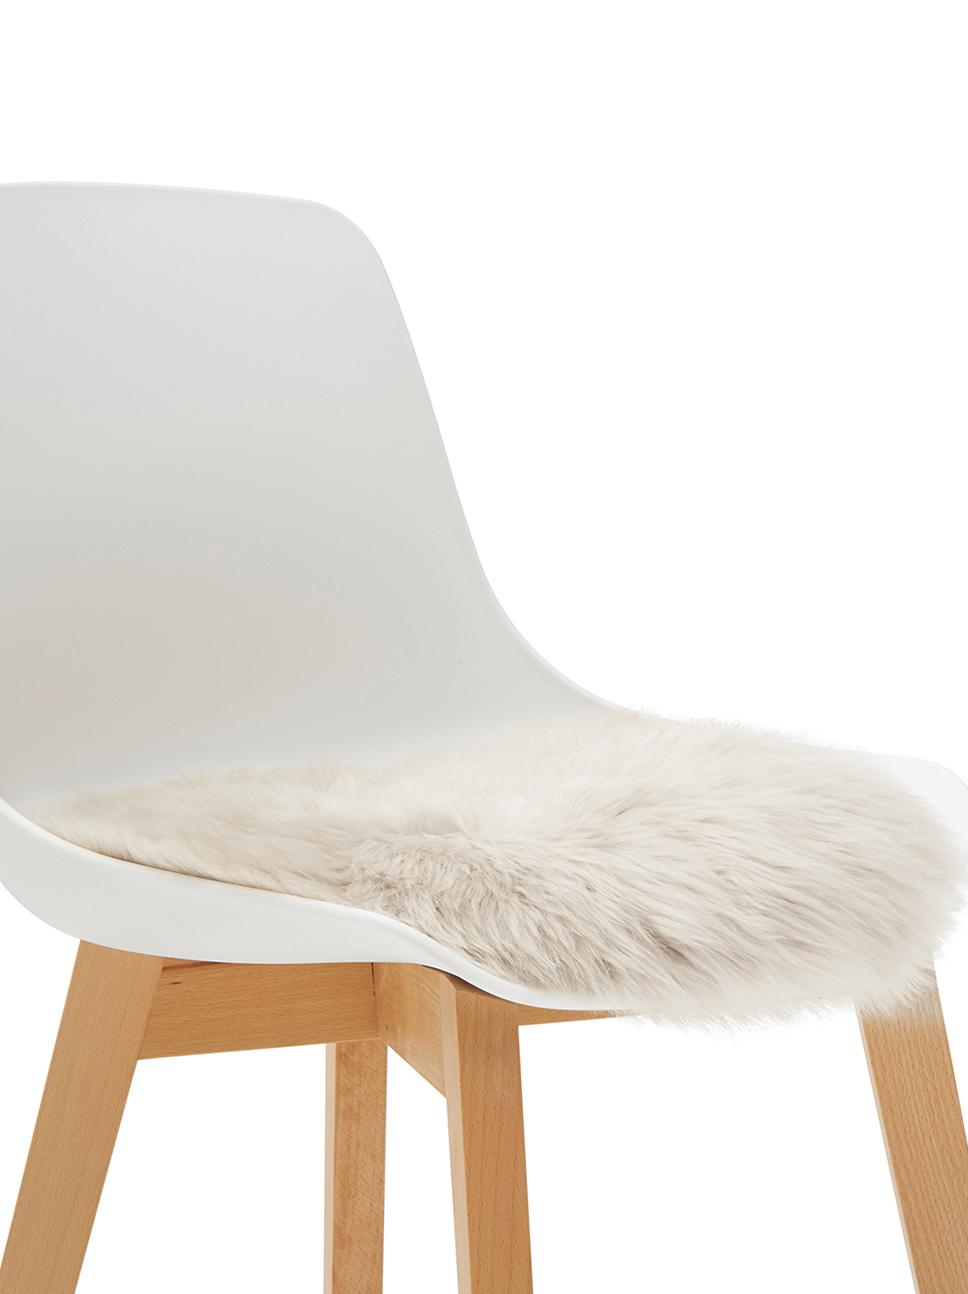 Runde Schaffell-Sitzauflage Oslo, glatt, Flor: 100% Schaffell, Rückseite: 100% Polyester, Beige, Ø 37 cm